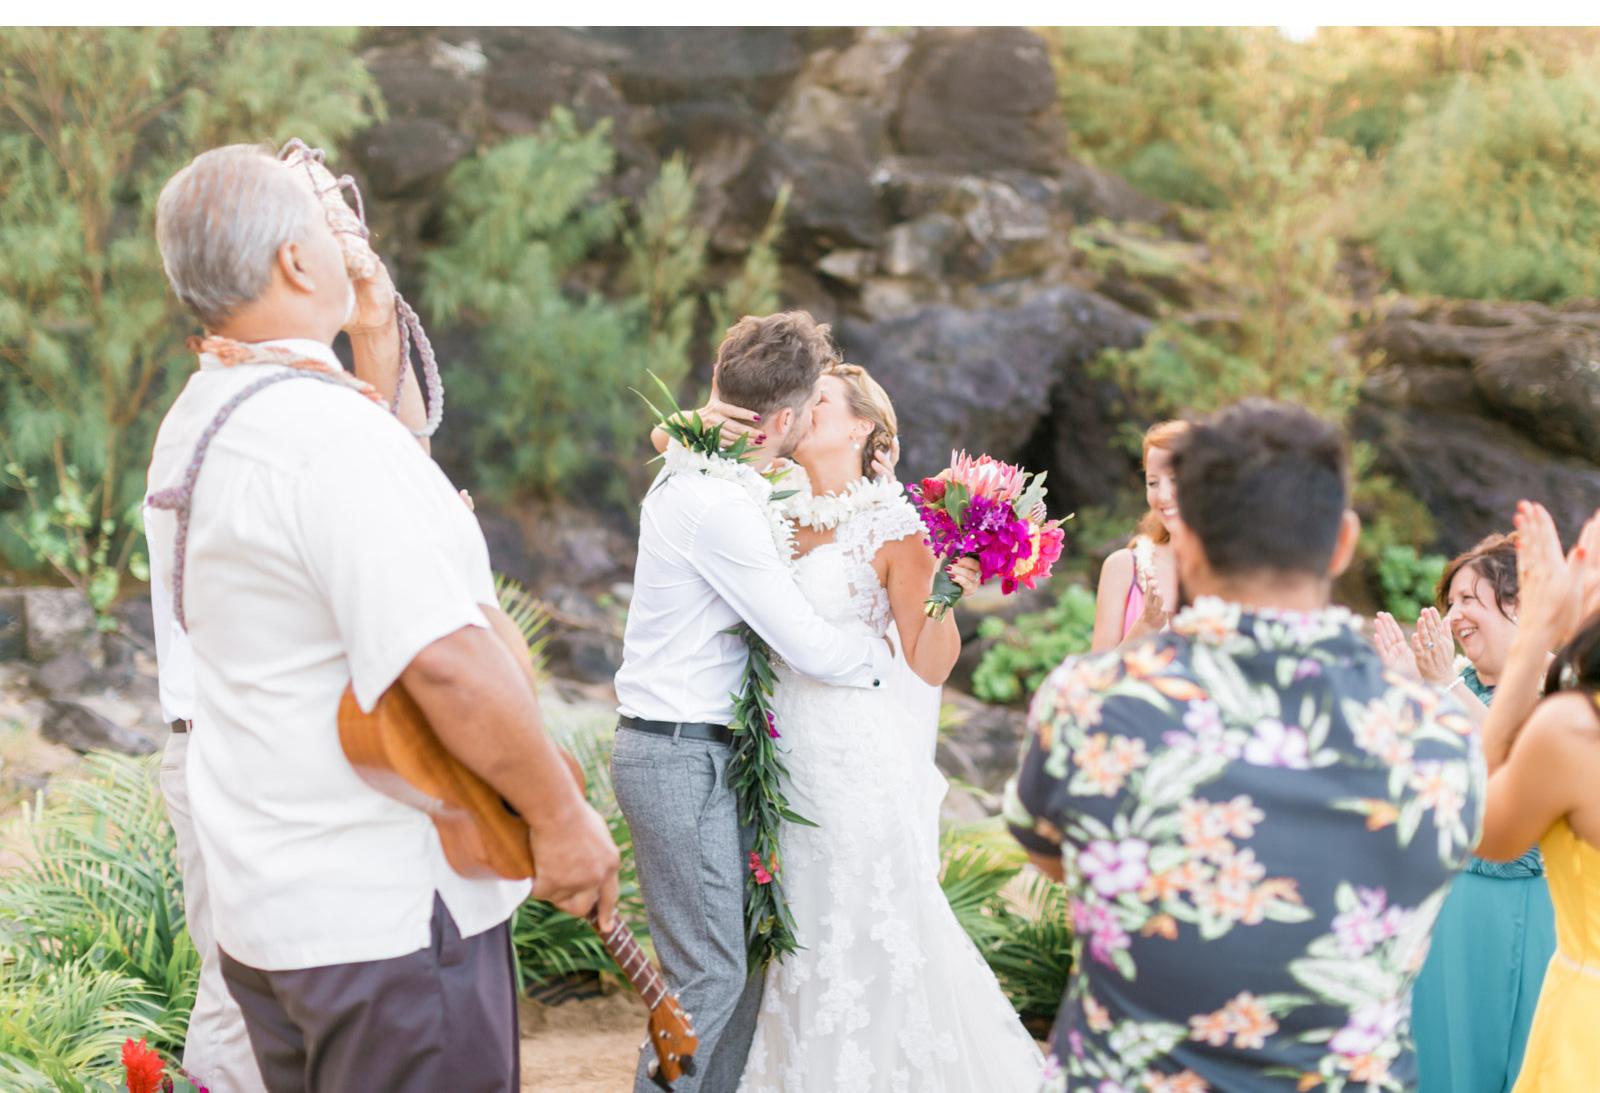 Natalie-Schutt-Photography--Destination-Wedding-Photographer_02.jpg